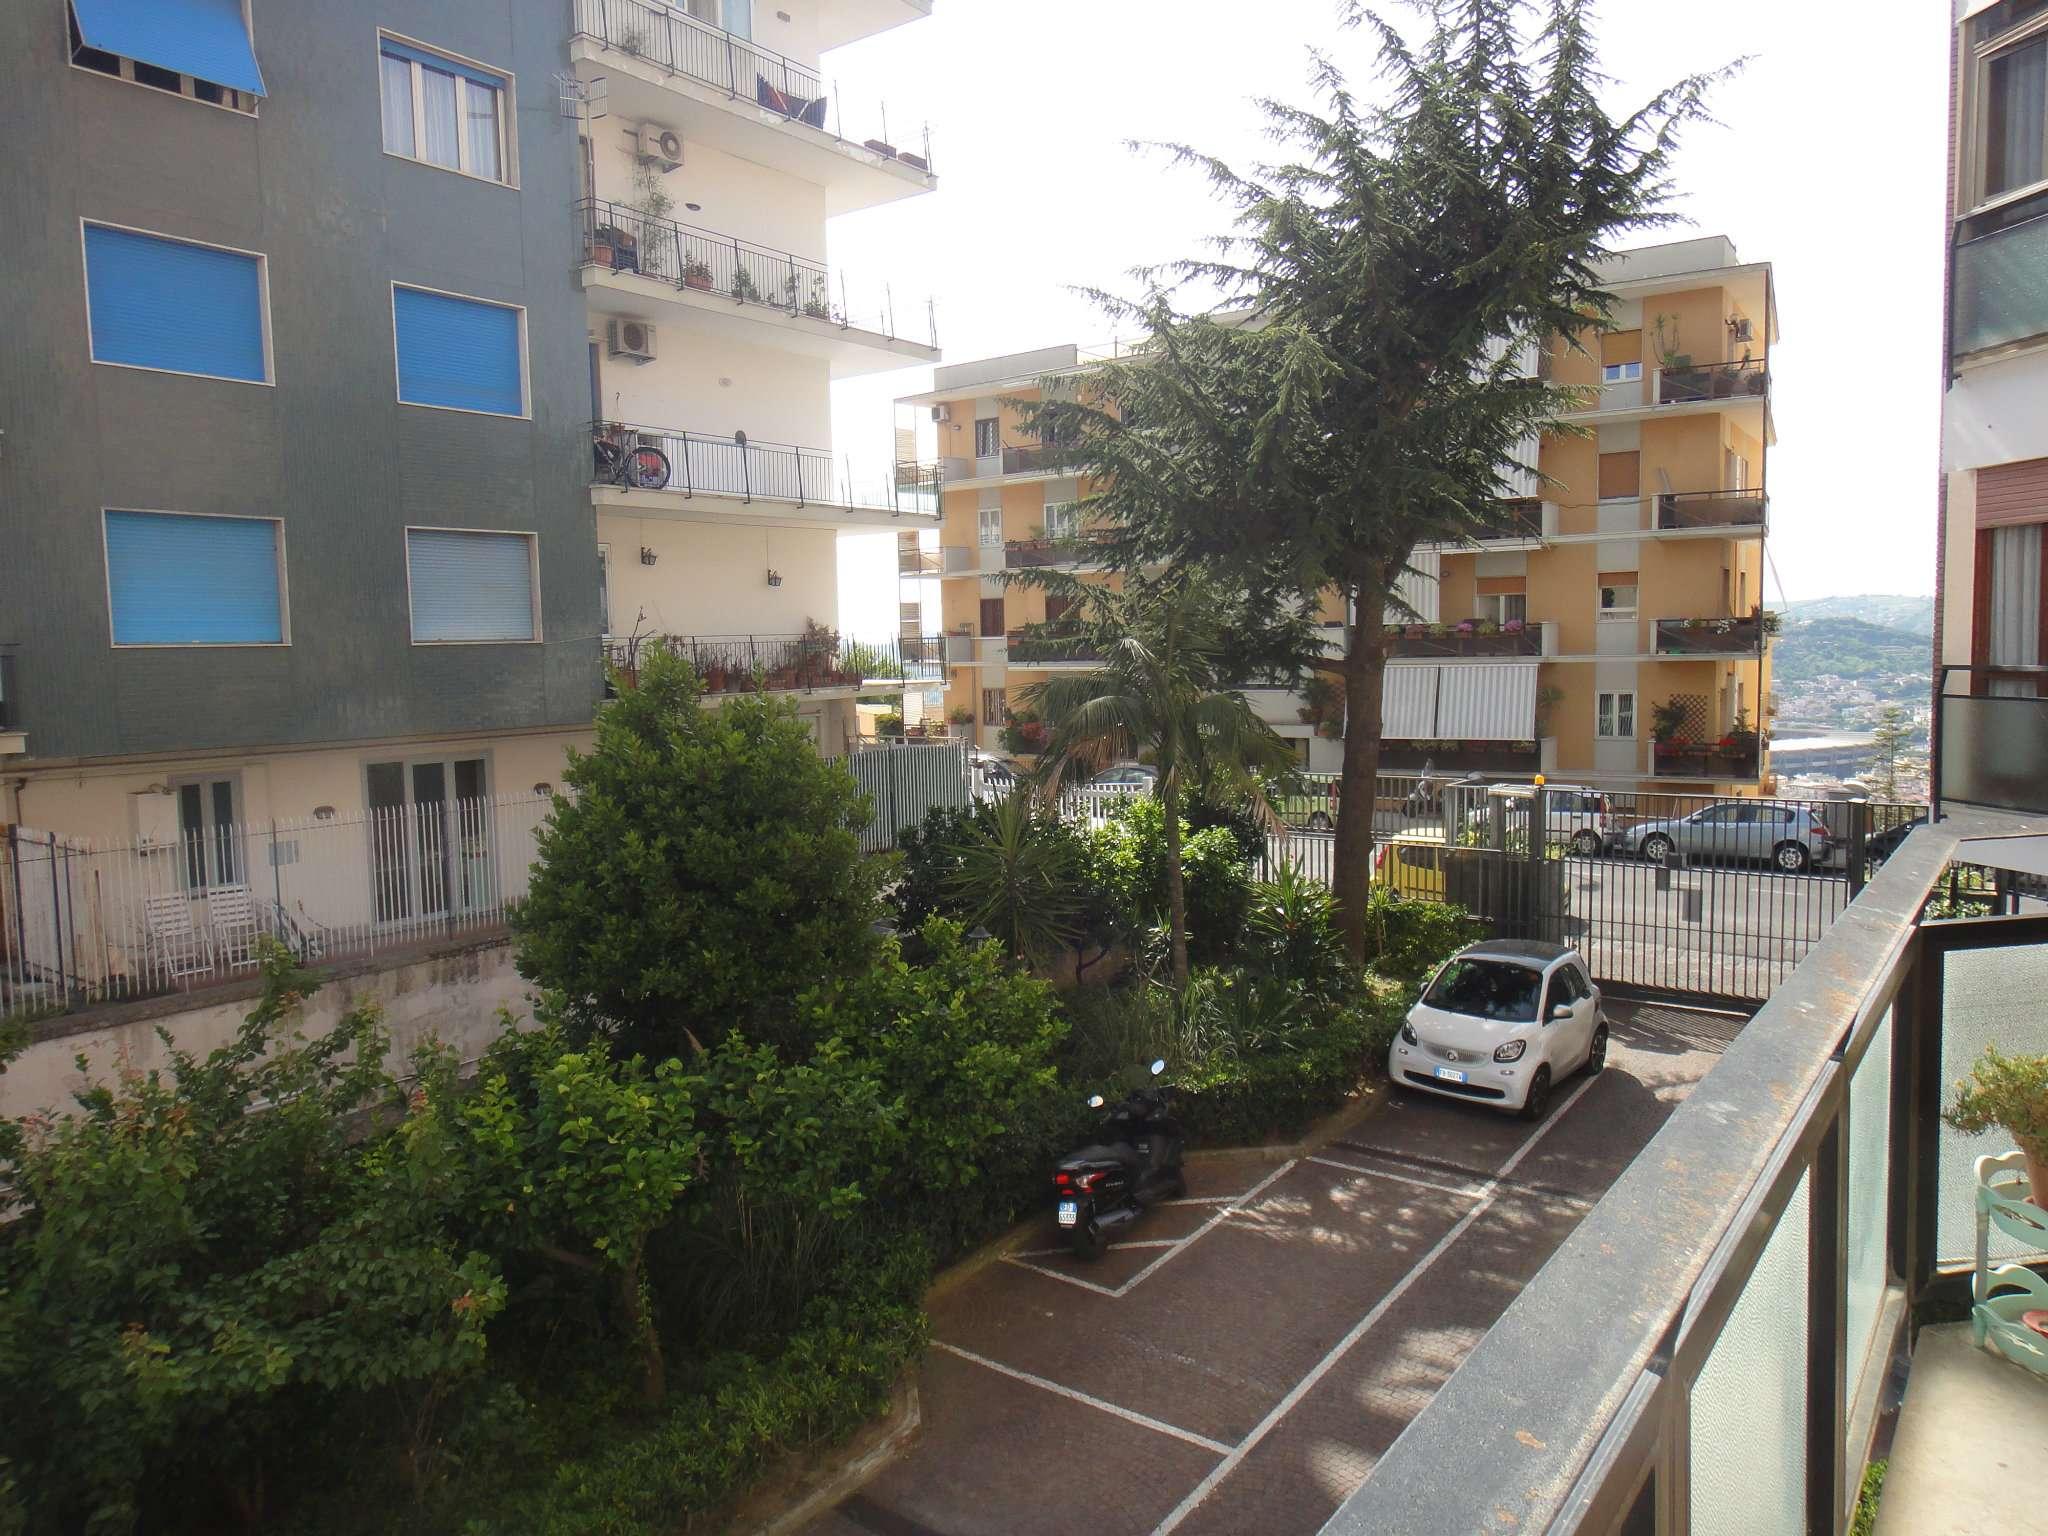 Appartamenti tre camere in affitto a napoli for Monolocale arredato quarto napoli